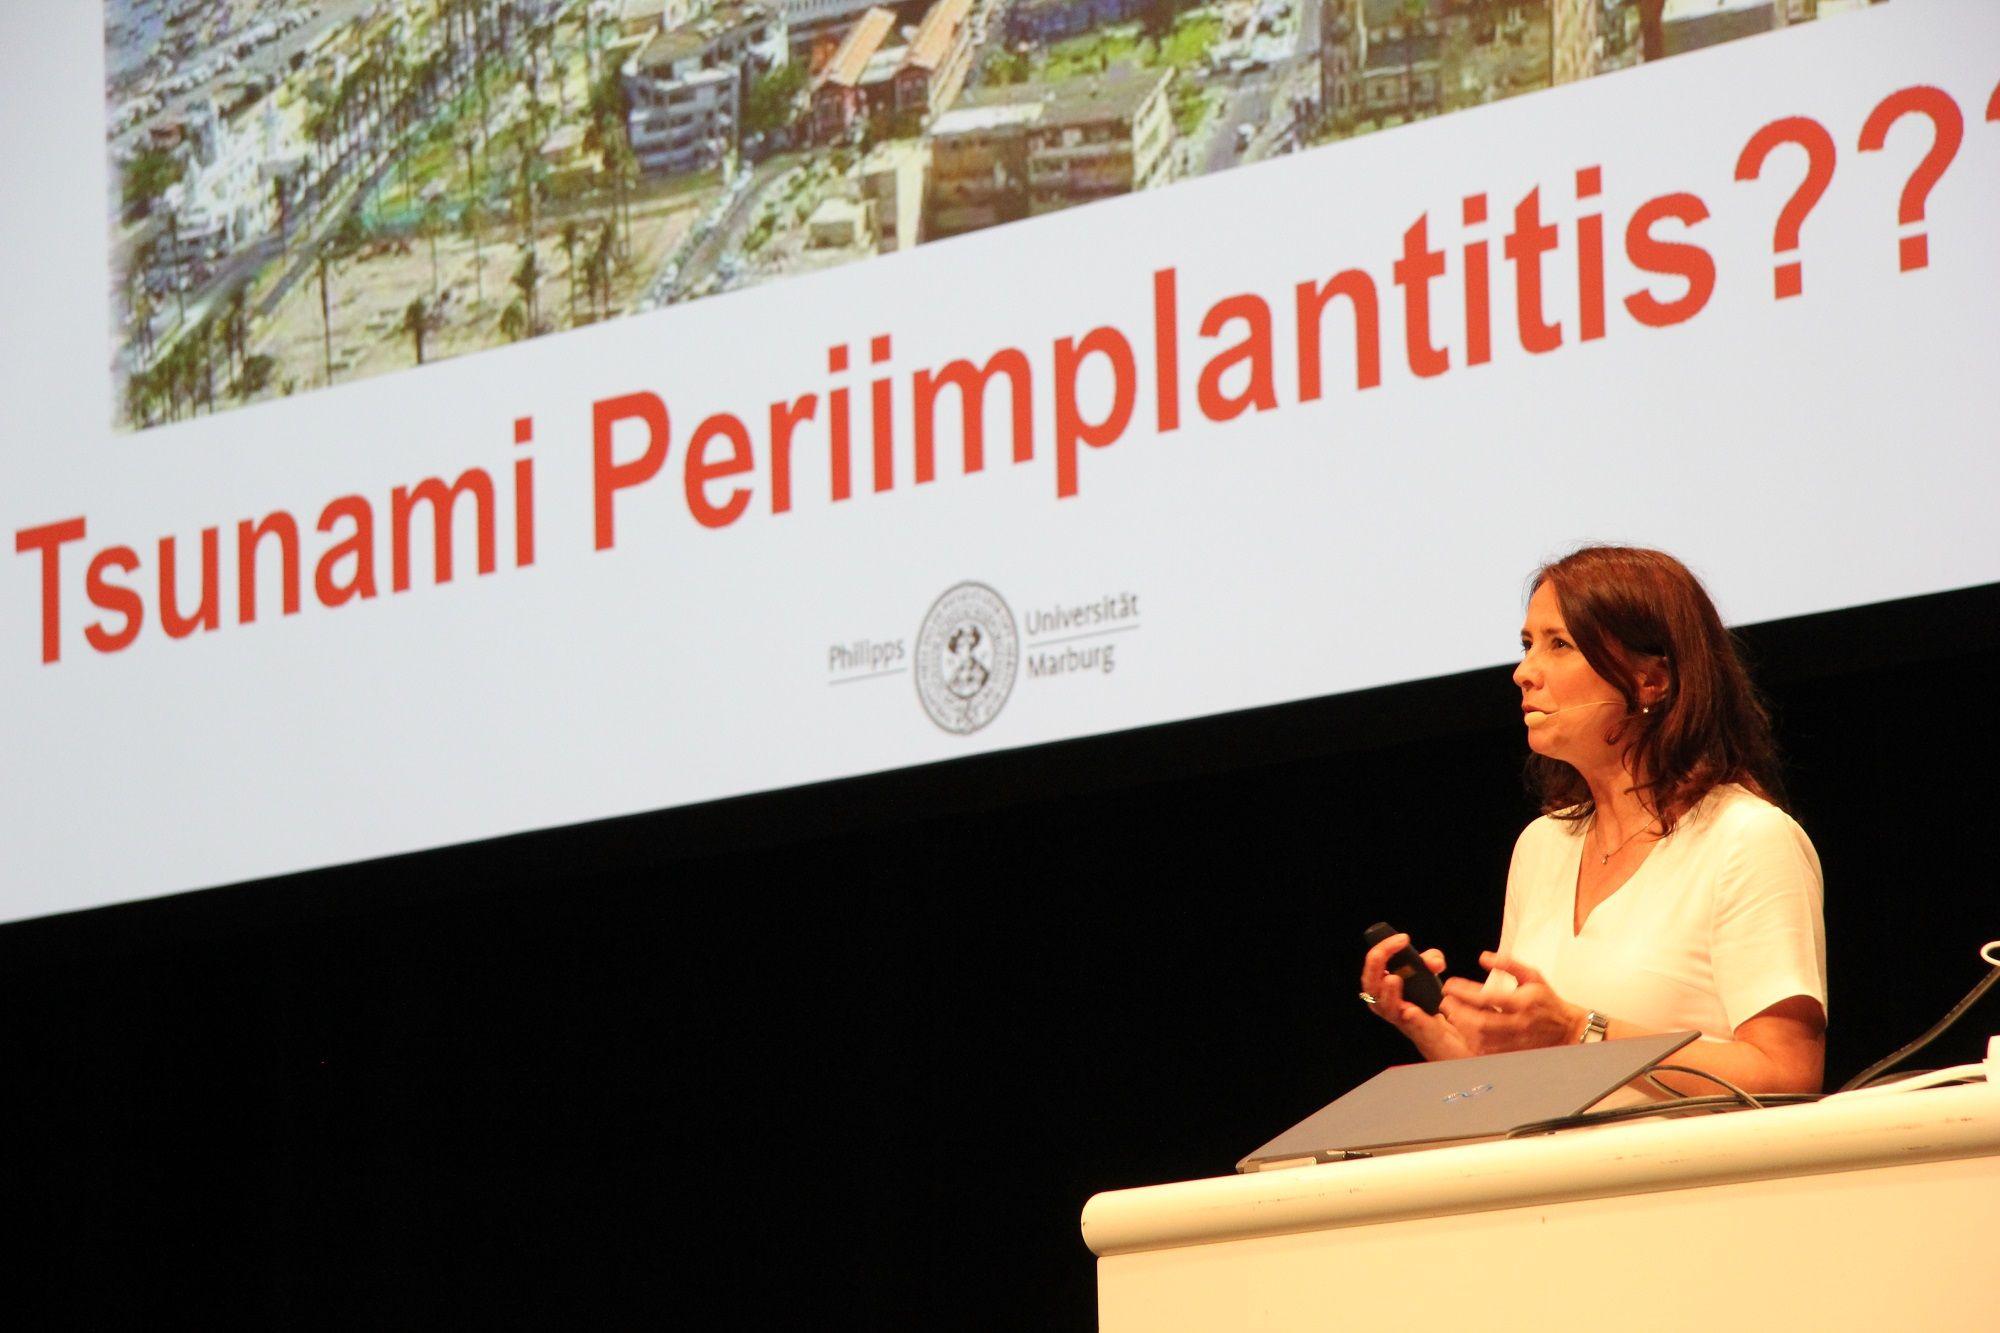 Prof. Dr. Nicole Arweiler ist nur eine von vielen namhaften Referenten, die zur hohen Qualität der Veranstaltung beitragen.